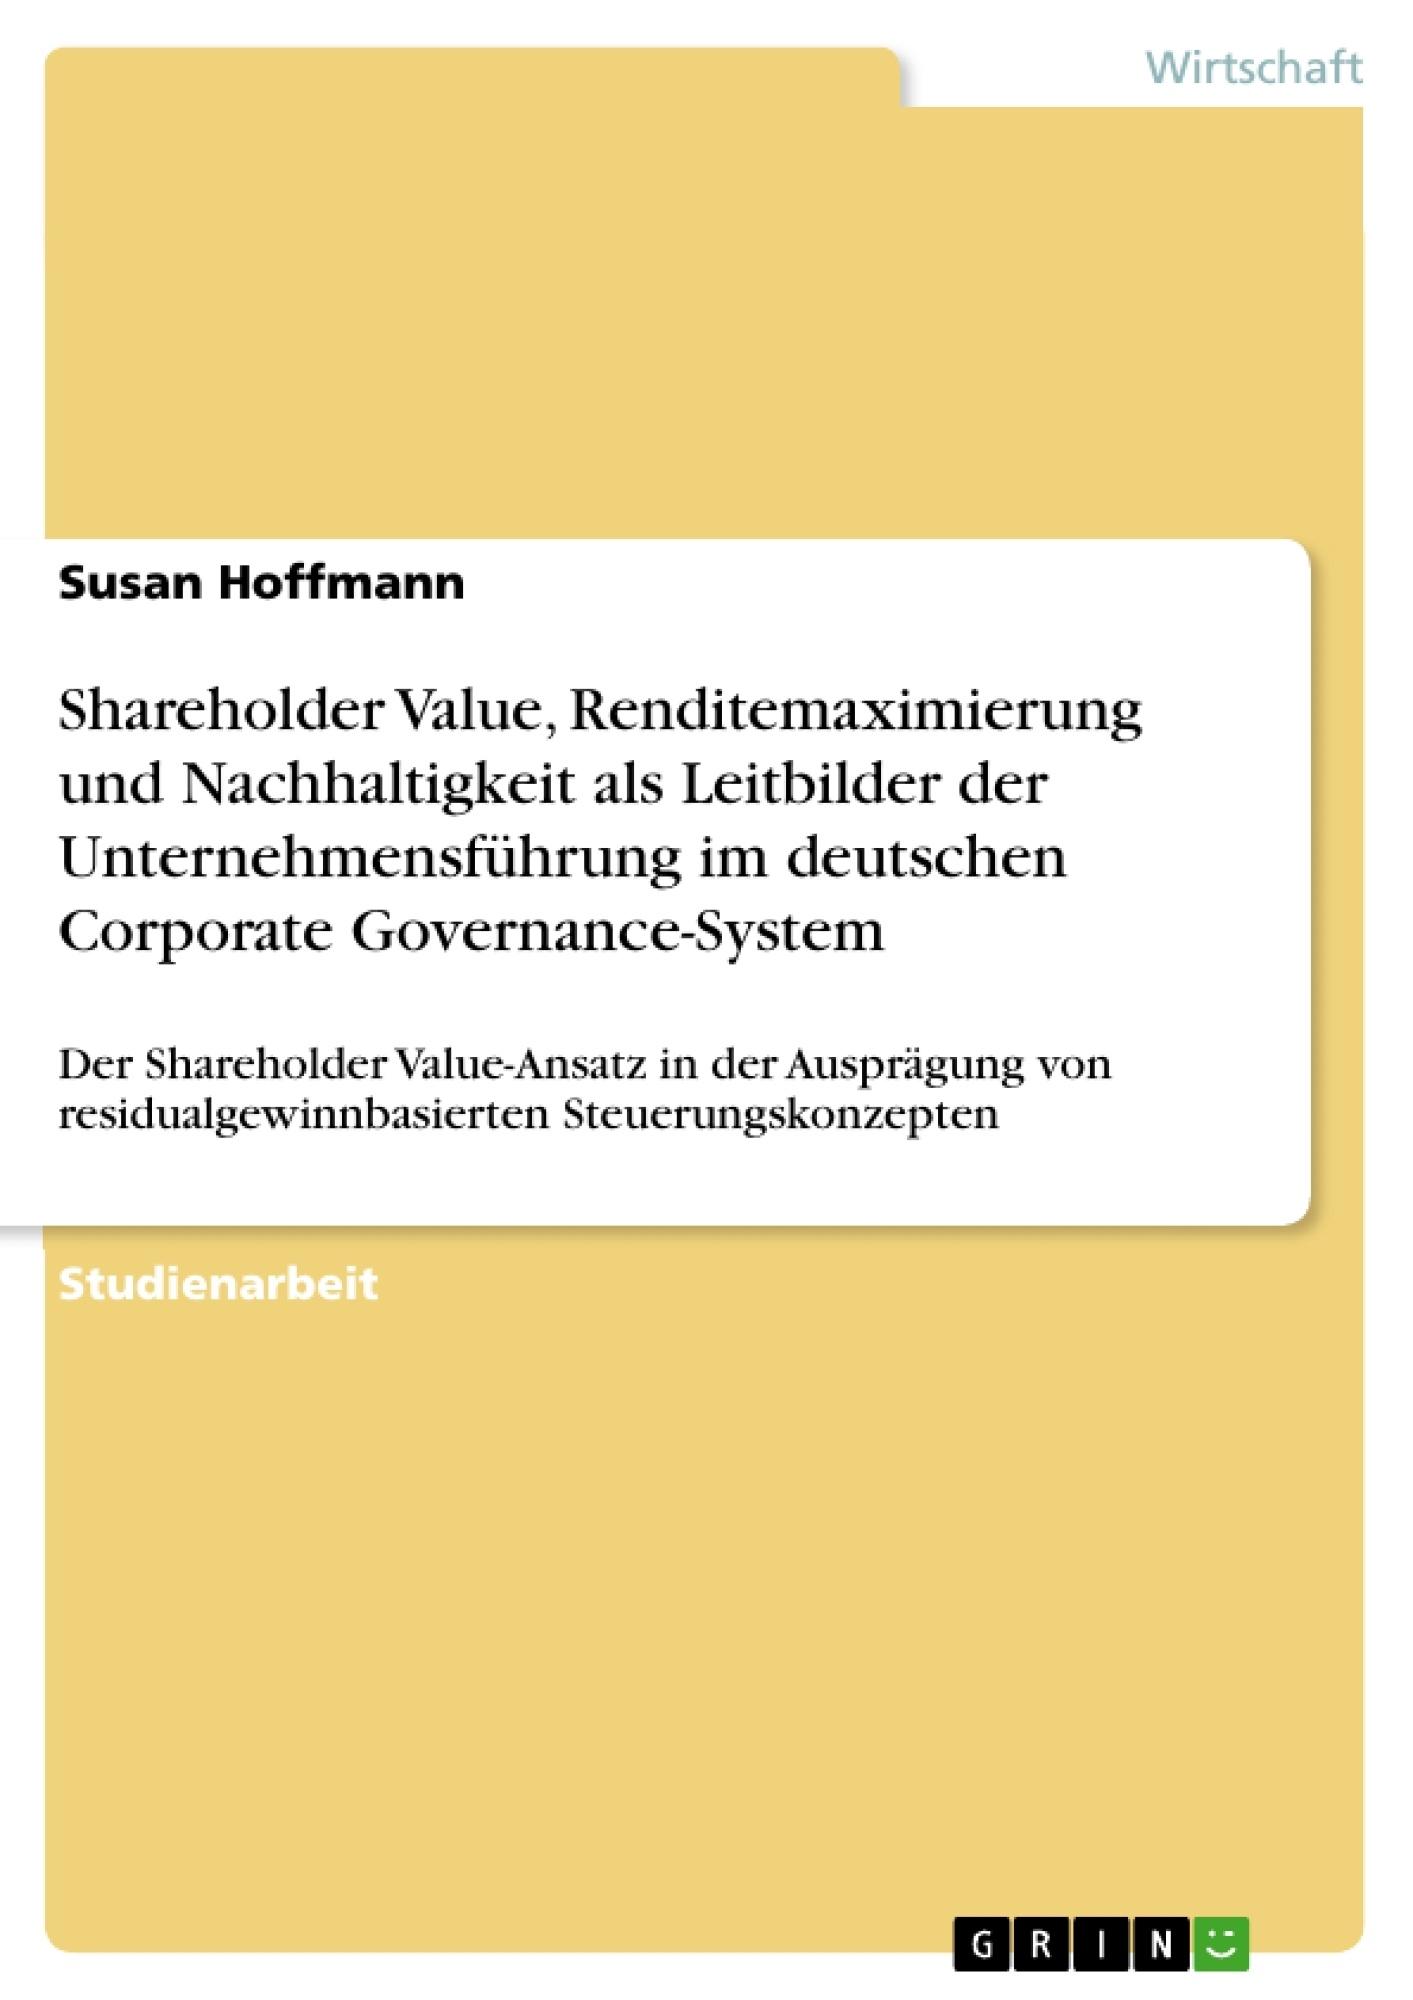 Titel: Shareholder Value, Renditemaximierung und Nachhaltigkeit als Leitbilder der Unternehmensführung im deutschen Corporate Governance-System